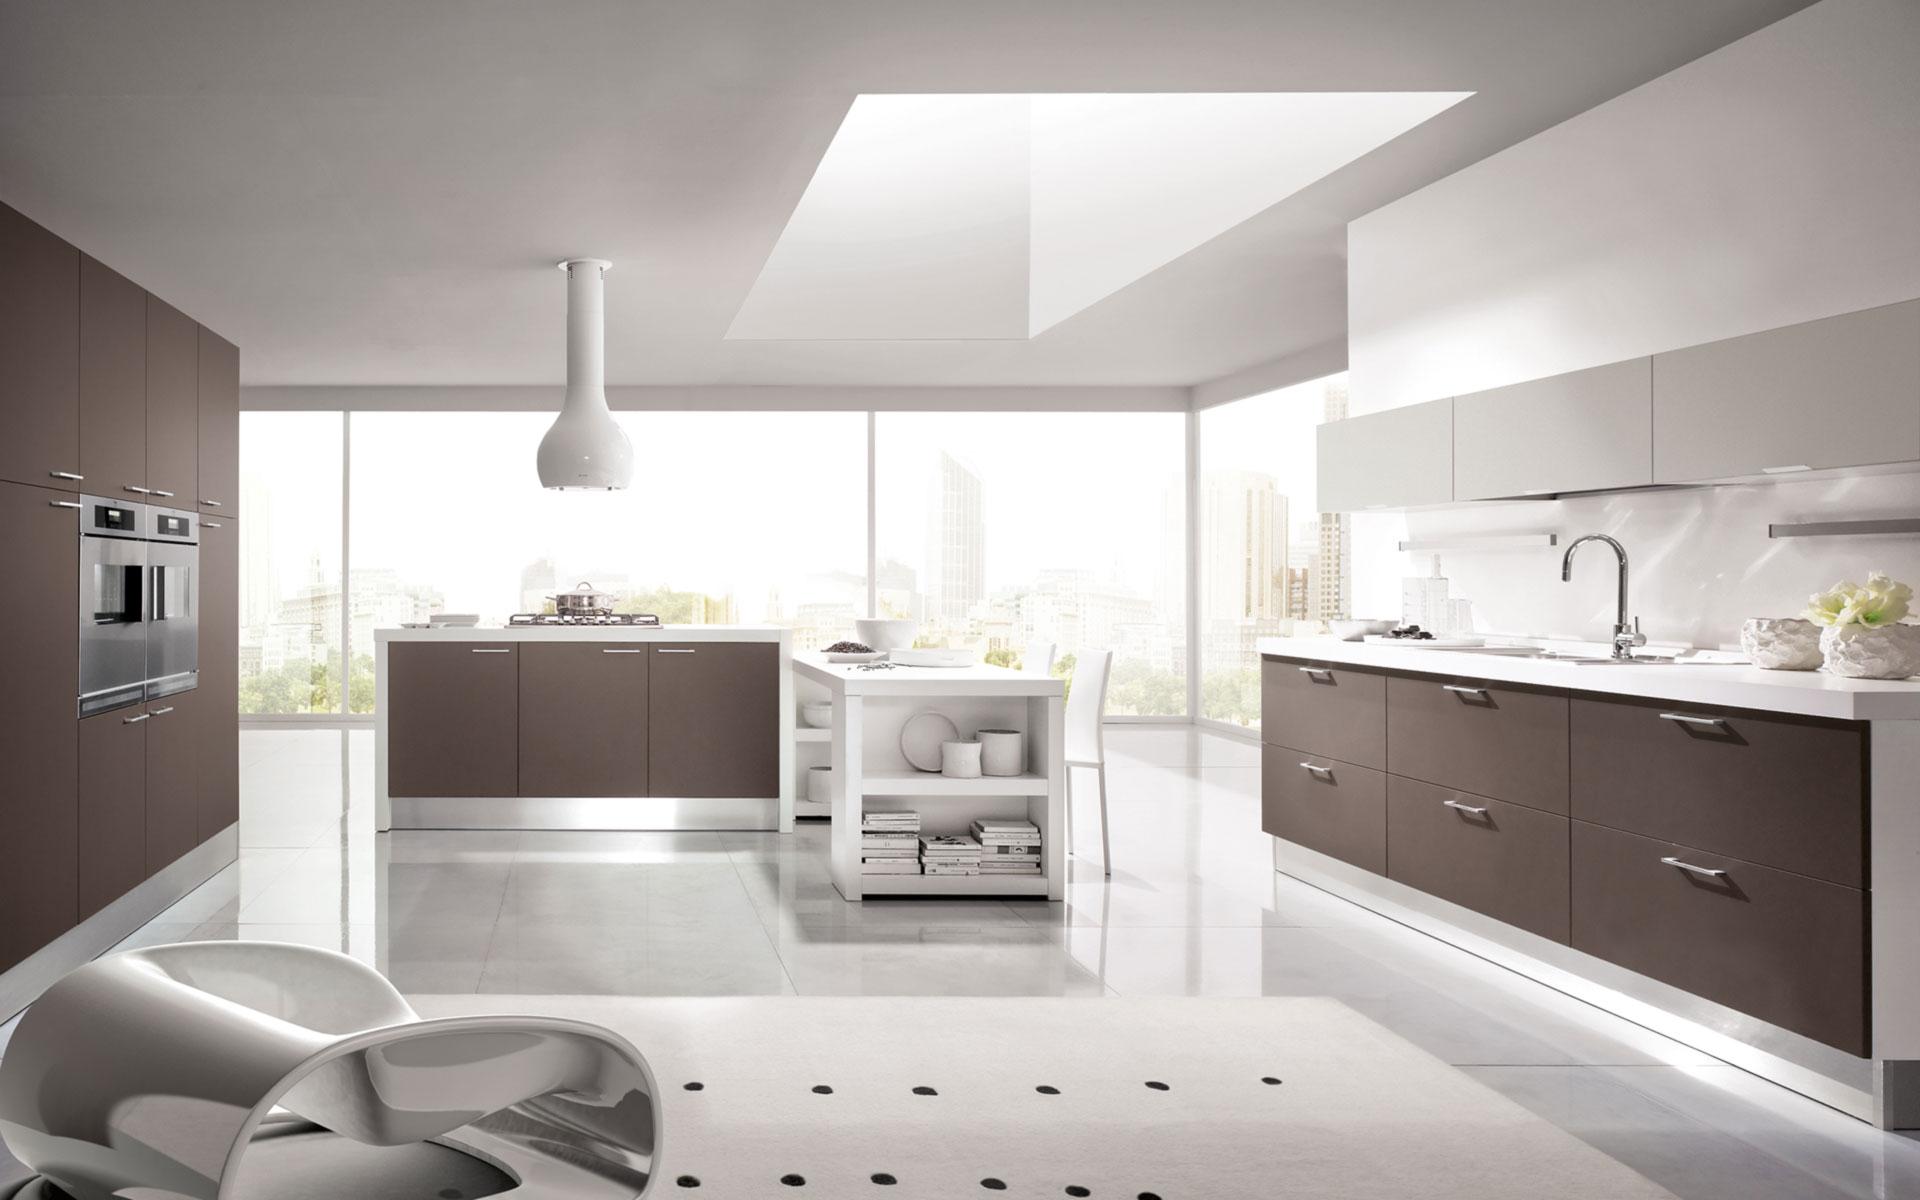 Colori pareti cucina: come scegliere il colore con la ...